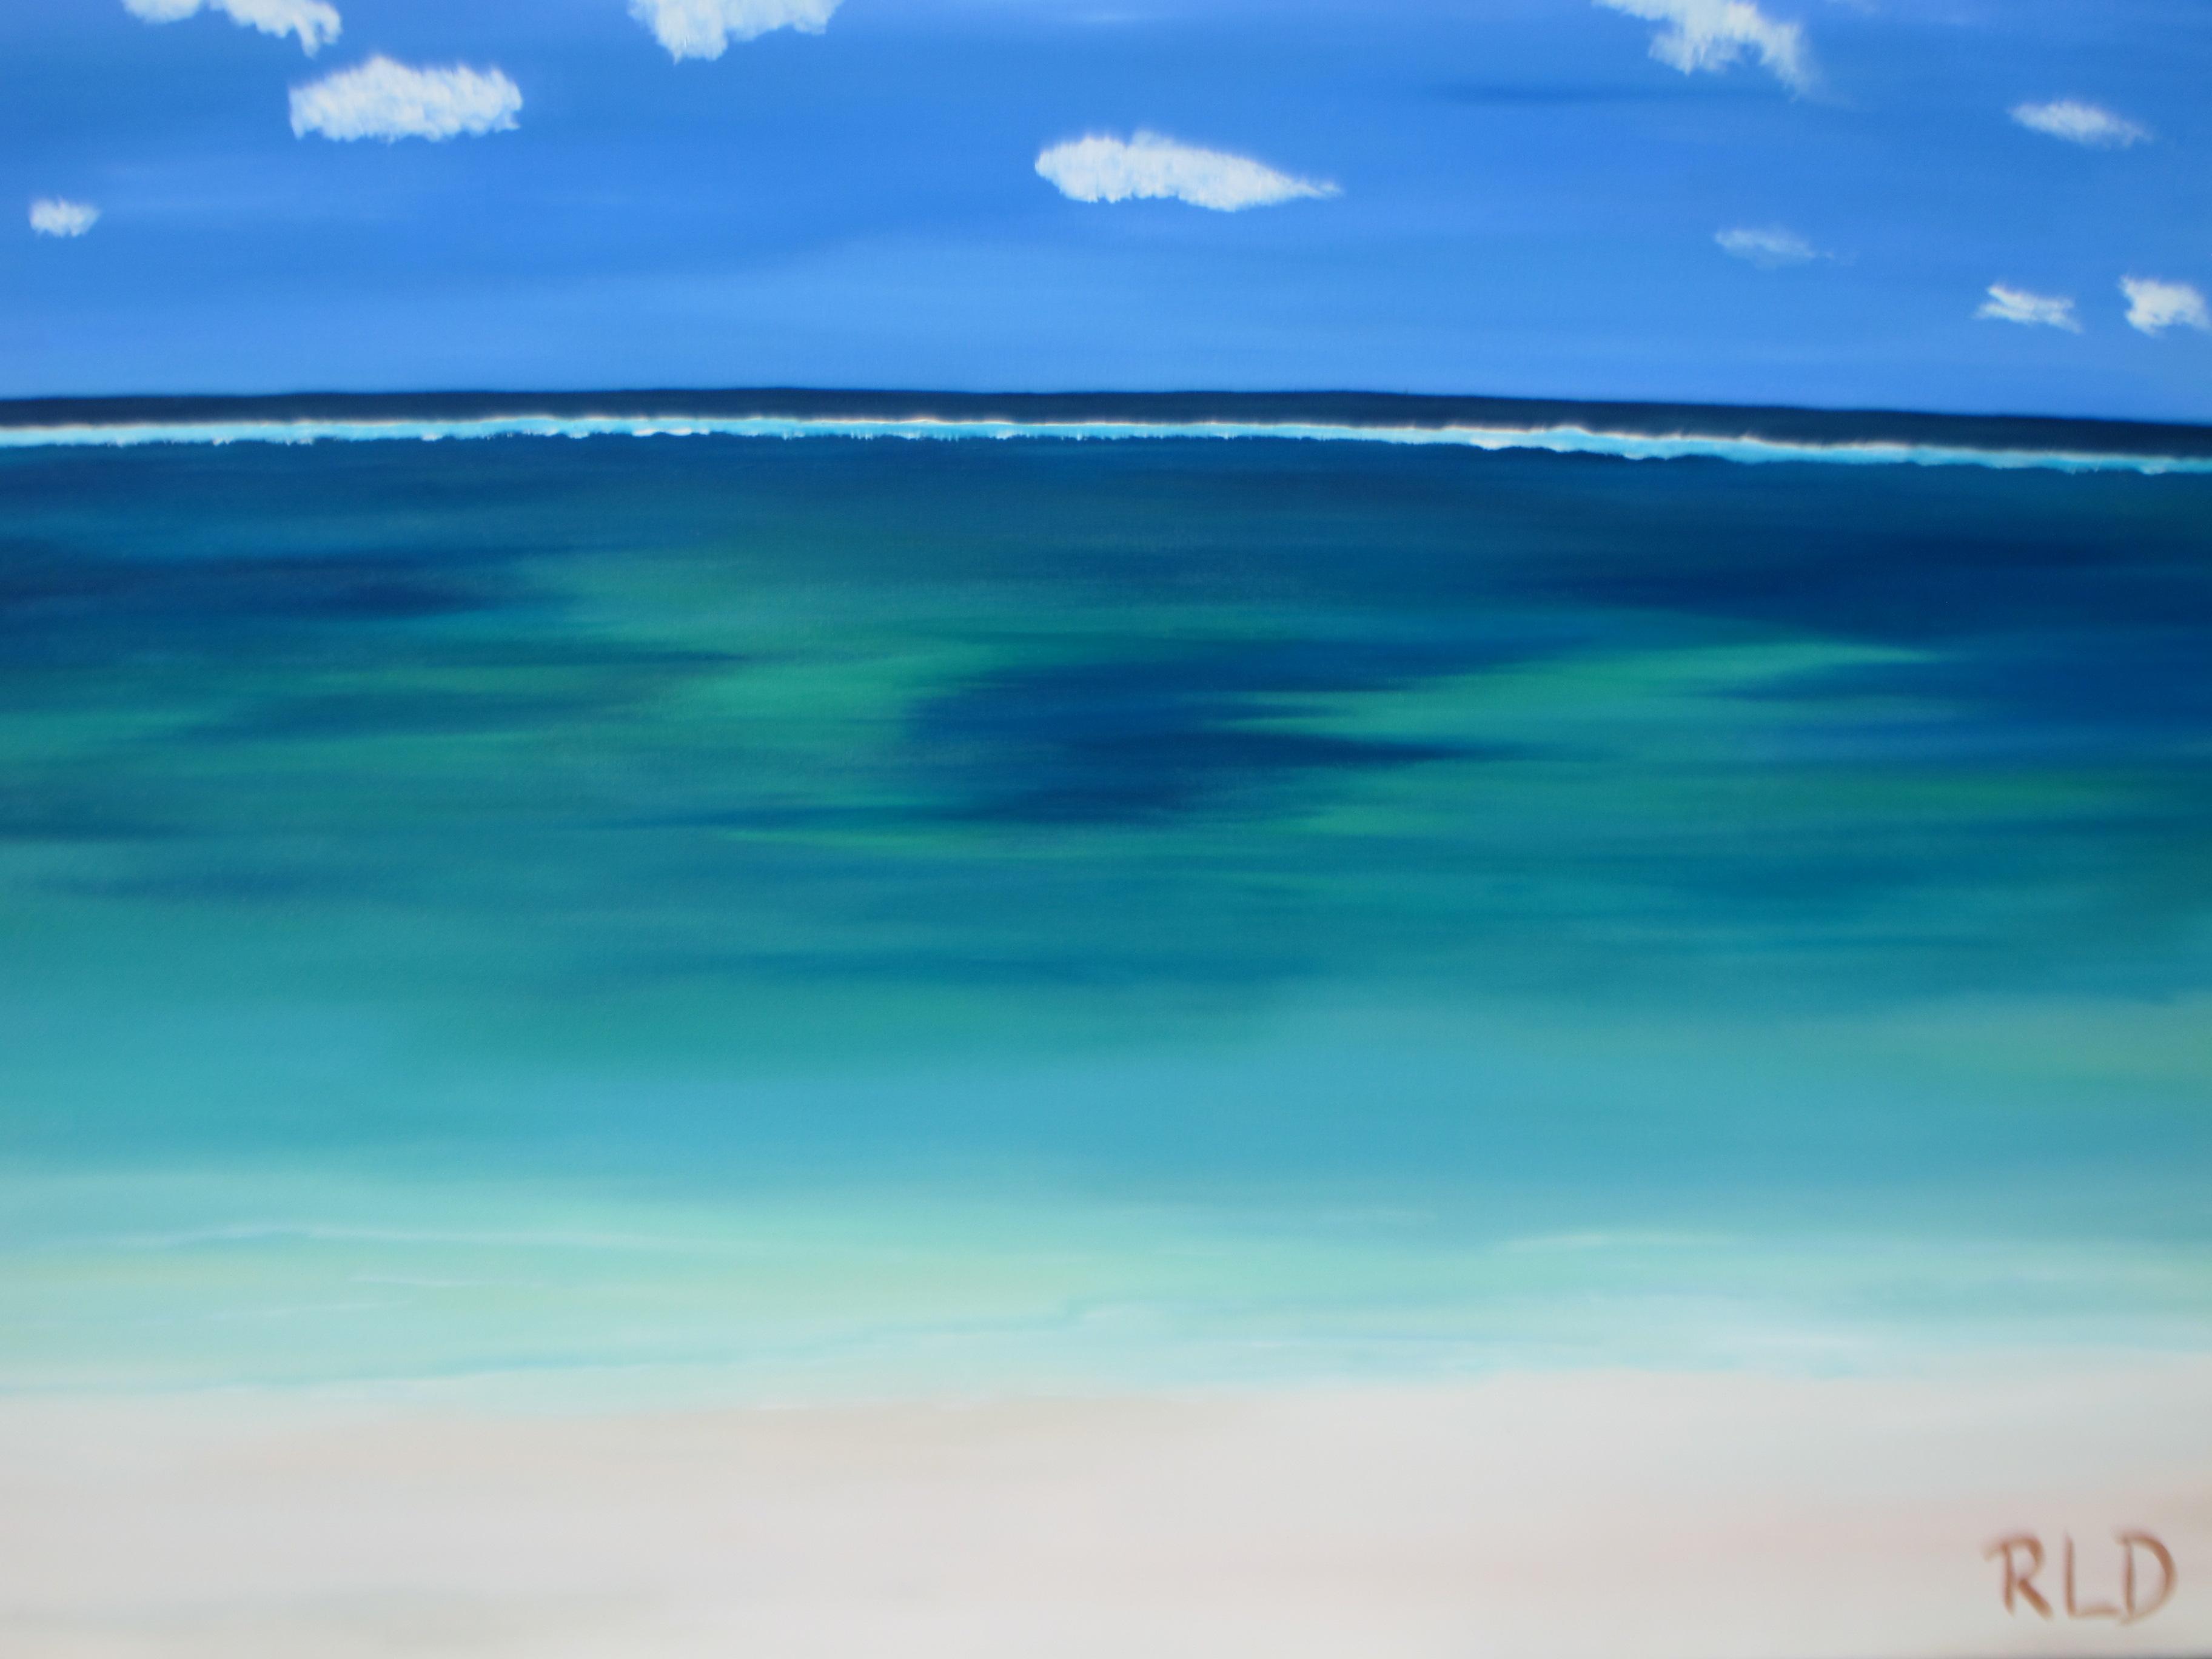 Beach Rld